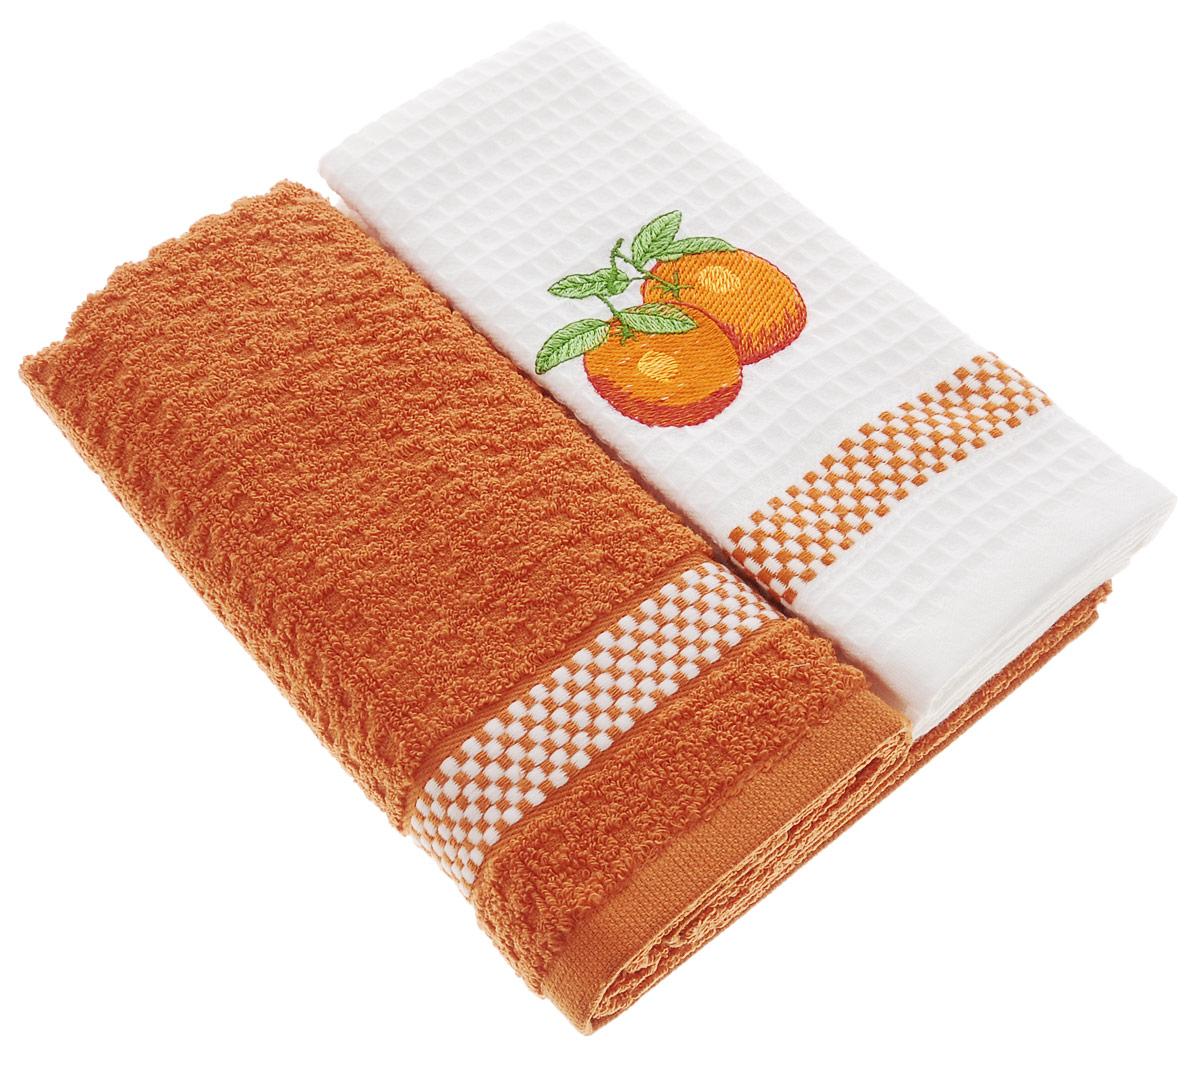 Набор кухонных полотенец Mariposa Апельсин, 45 х 70 см, 2 шт55696Набор Mariposa Апельсин состоит из двух кухонных полотенец (1 махрового и 1 вафельного), выполненных из натурального экологически чистого хлопка. Качество материала гарантирует безопасность не только взрослых, но и самых маленьких членов семьи. Одно из полотенец оформлено яркой вышивкой апельсинов. Наборы кухонных полотенец Mariposa идеально дополнят интерьер вашей кухни и создадут атмосферу уюта и комфорта. Mariposa - интерьер и практичность современной кухни! В коллекции Mariposa вы найдете все, что сделает интерьер вашей кухни стильным и гармоничным. Коллекция Mariposa станет незаменимым оформлением и практичной деталью, как дома, так и на пикнике. Вы сможете подобрать изысканные полотенца и наборы, стильные скатерти. Коллекция украшена яркими рисунками в разных стилях, это, несомненно, поможет вам создавать каждый день новое настроение на кухне и дарить вкусную радость вашим близким.